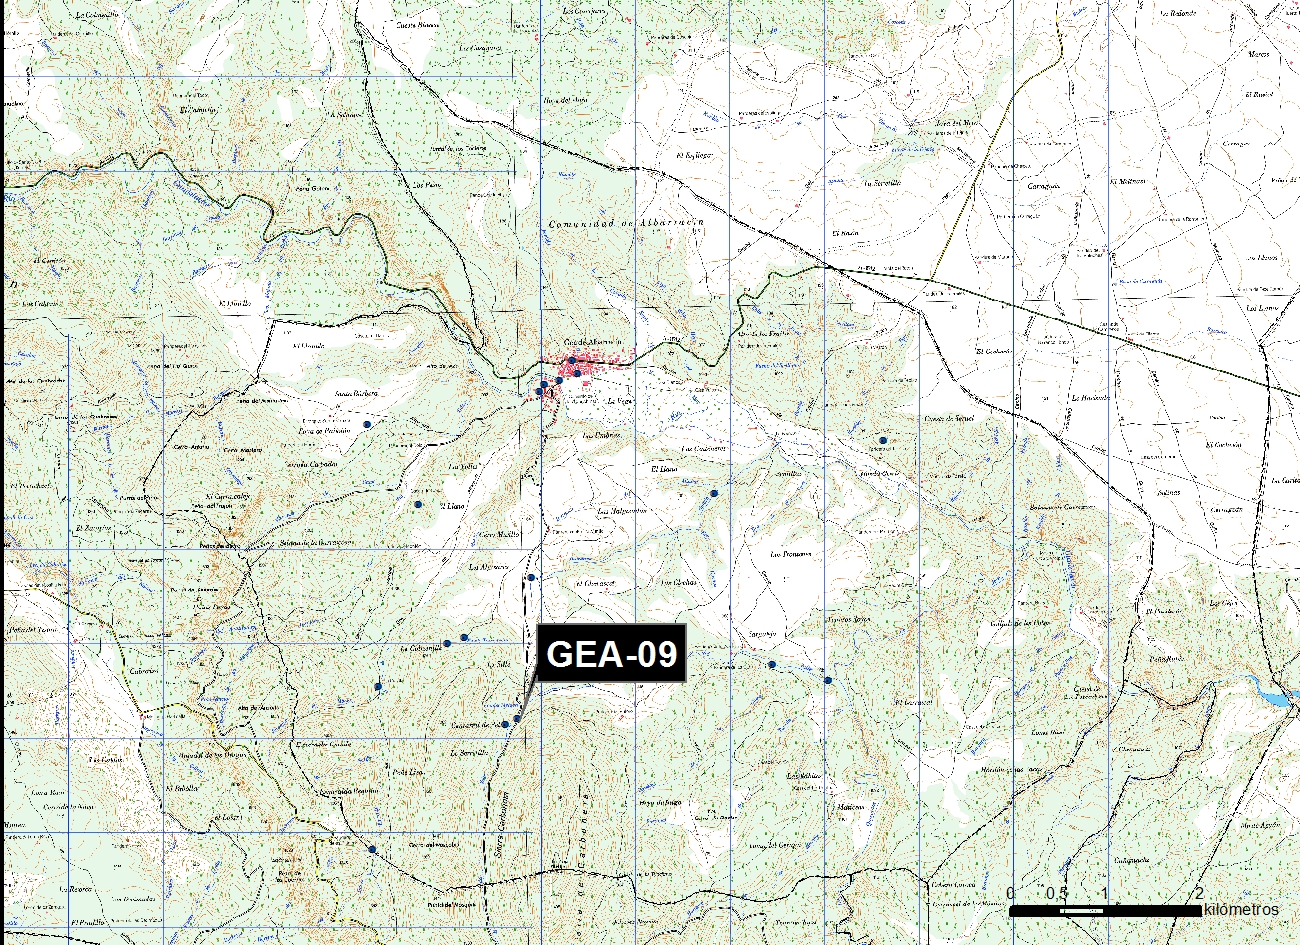 GEA_09_M.V.LOZANO_MEADERO_MAP.TOPO 1